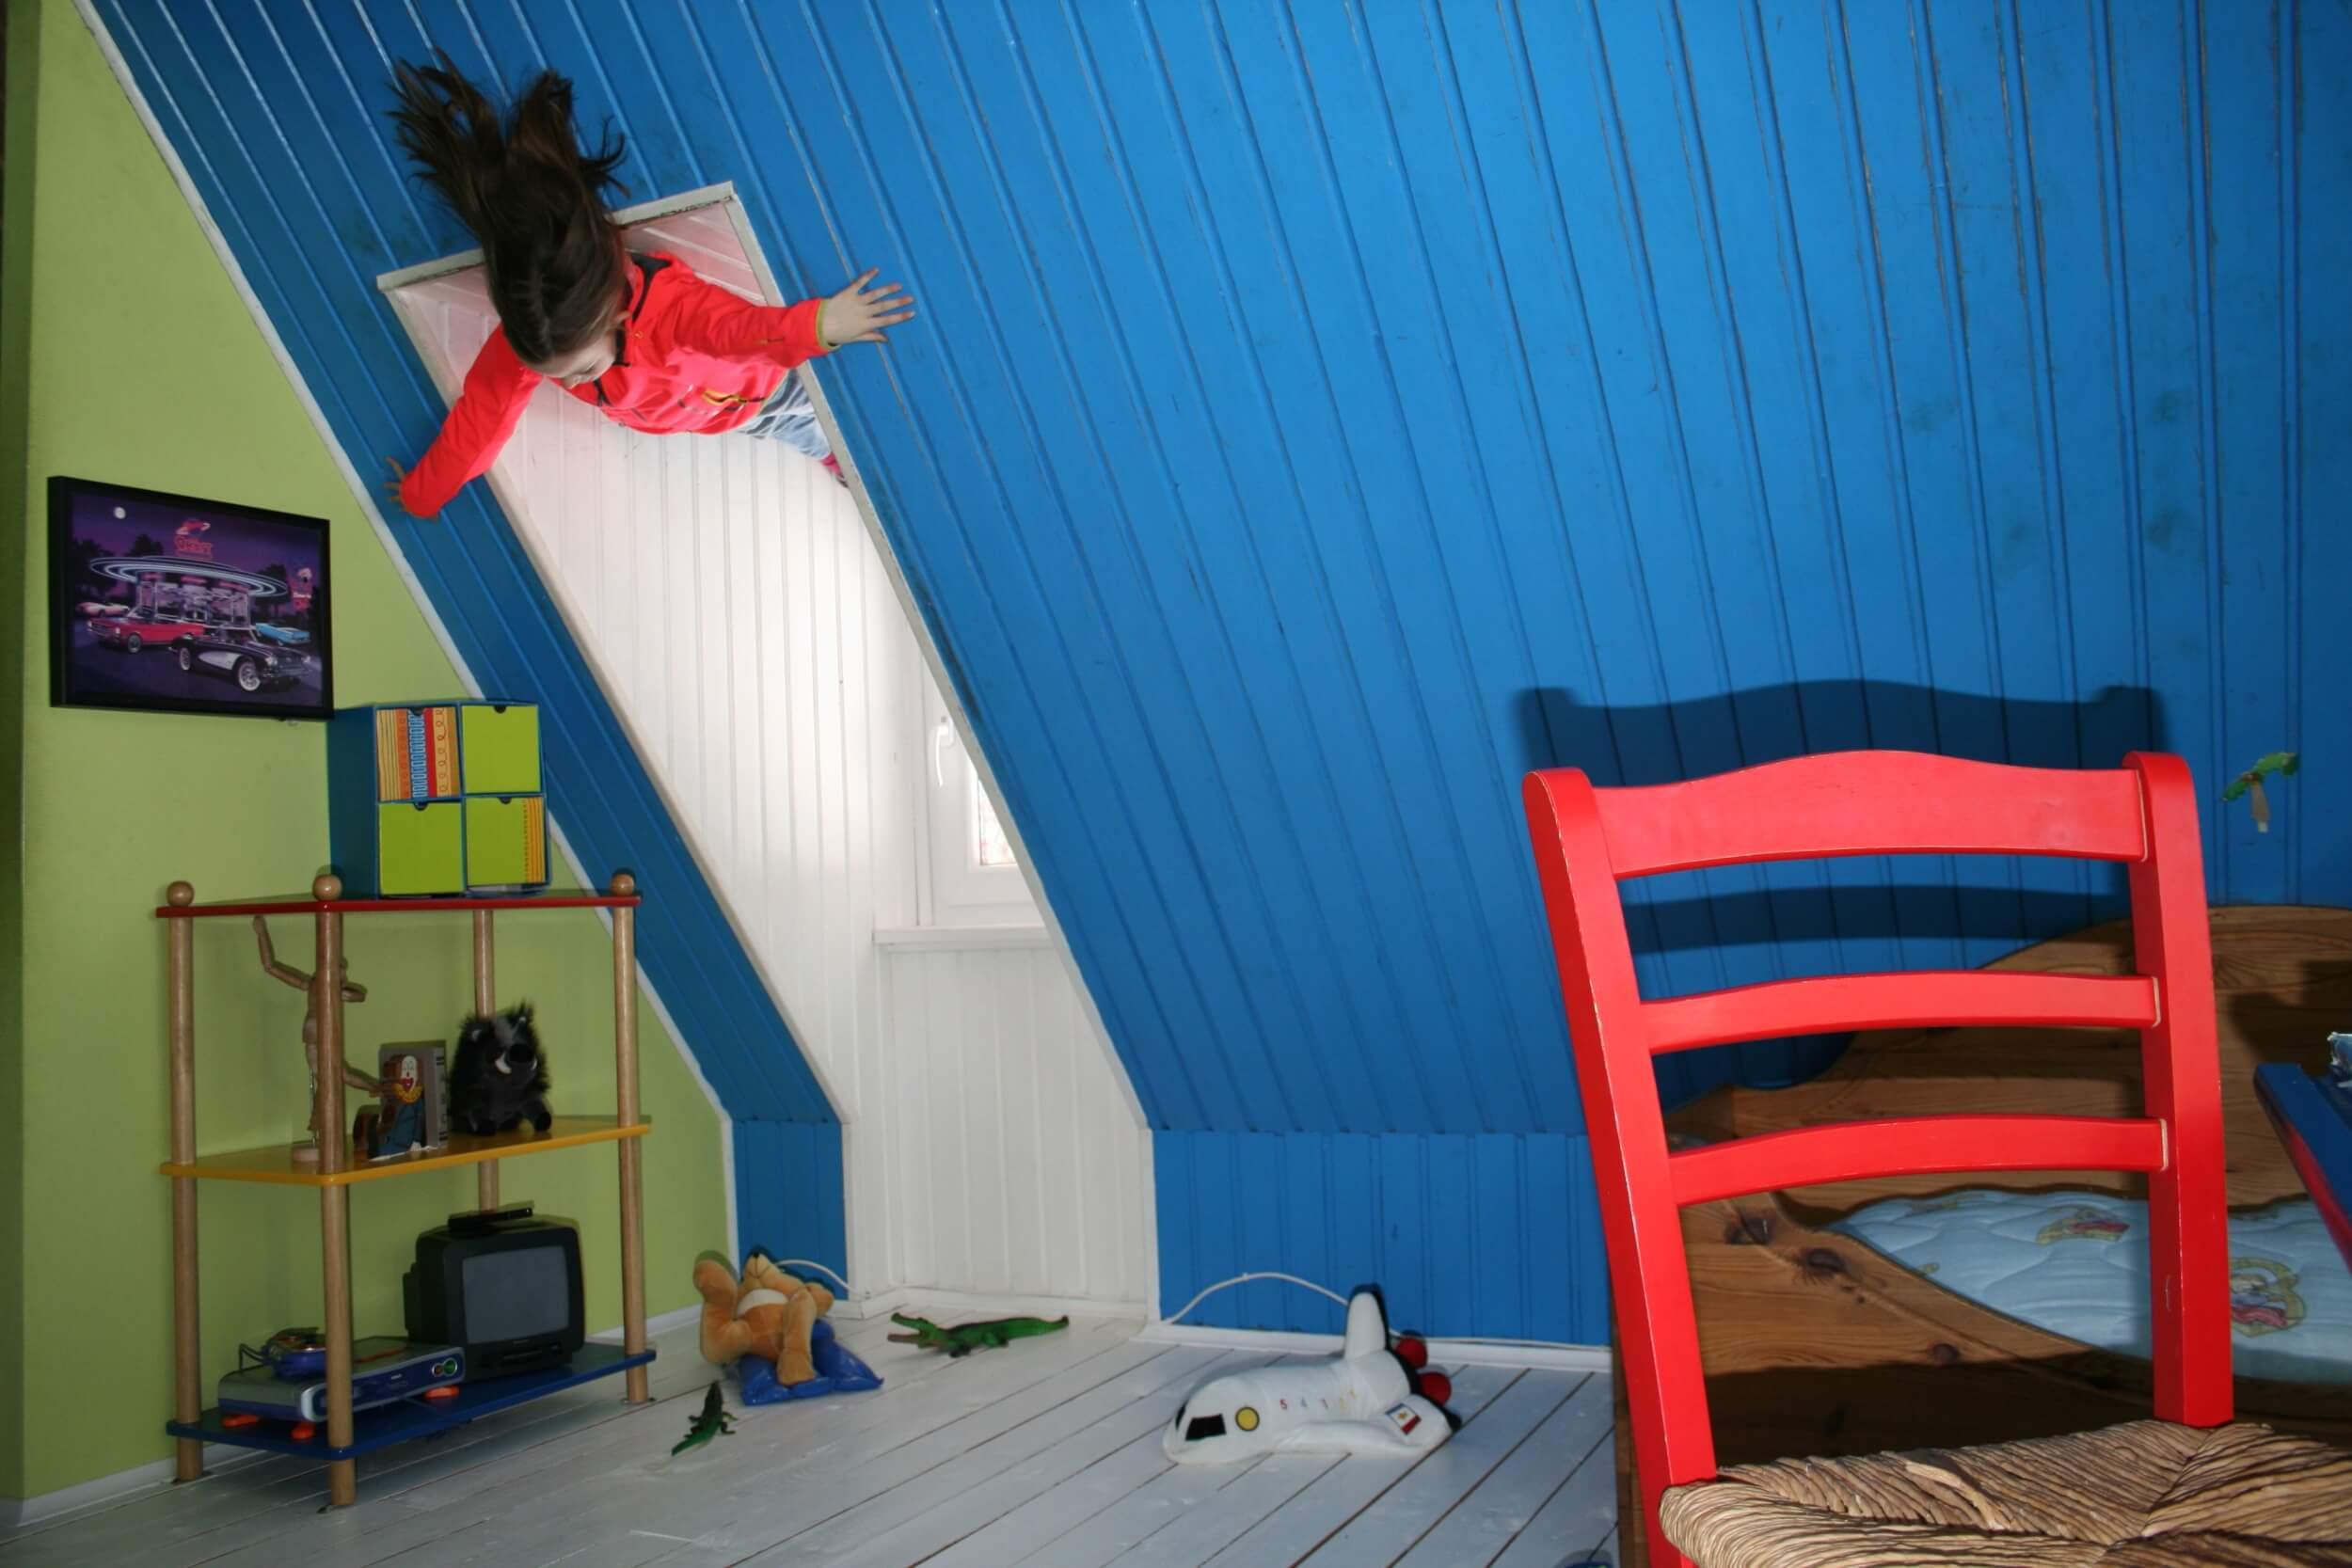 Full Size of Kinderzimmer Einrichtung Gefahrenquellen Im Tipps Fr Eine Sichere Regal Sofa Weiß Regale Kinderzimmer Kinderzimmer Einrichtung